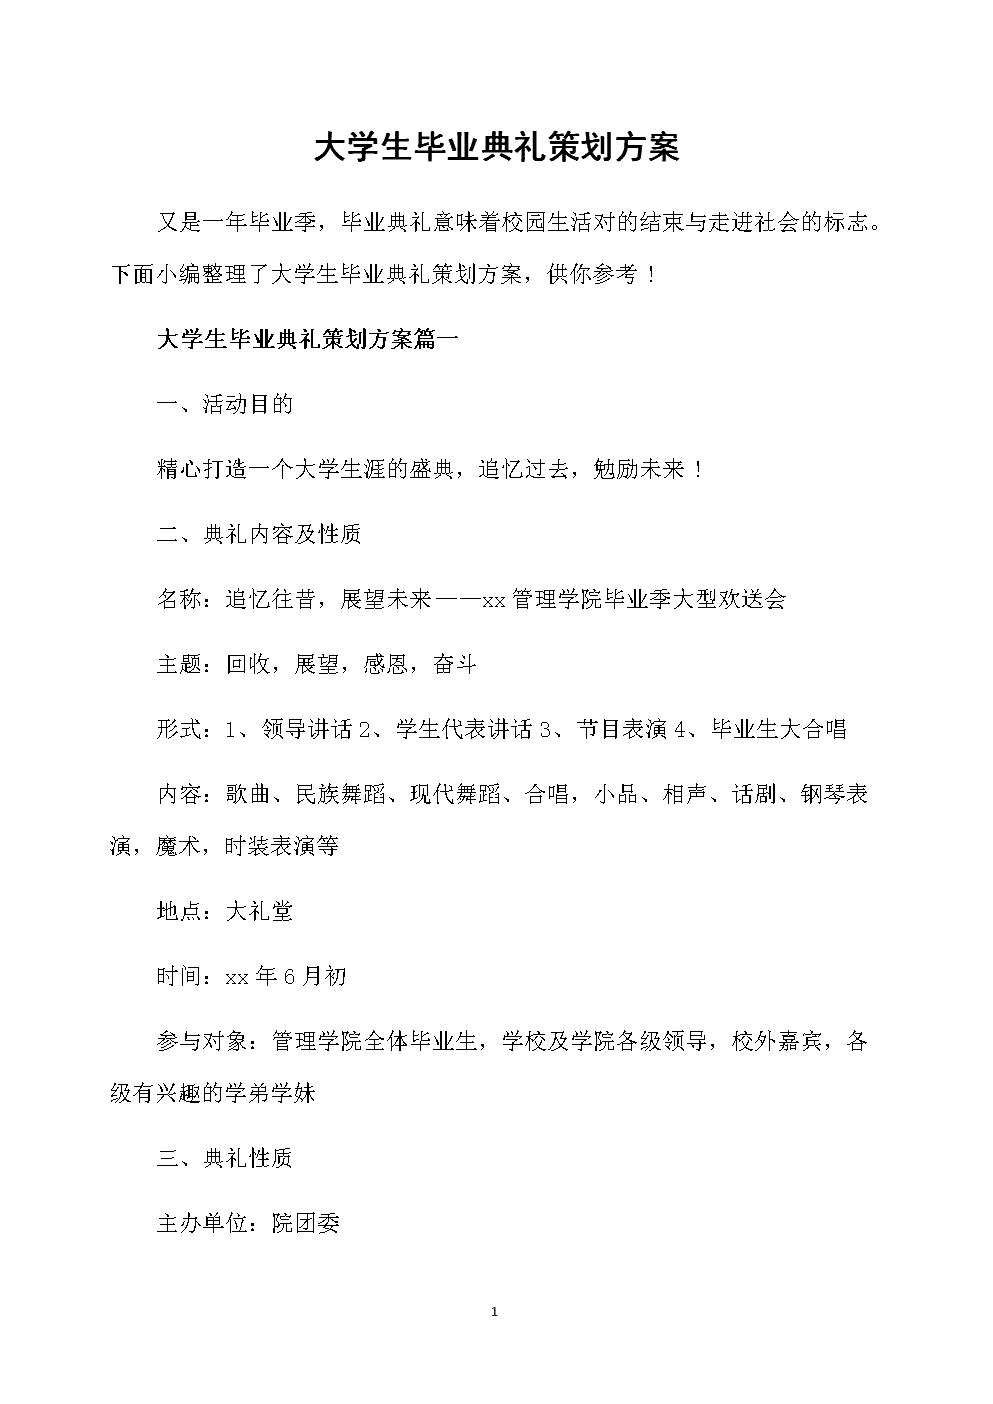 大学生毕业典礼策划方案.docx